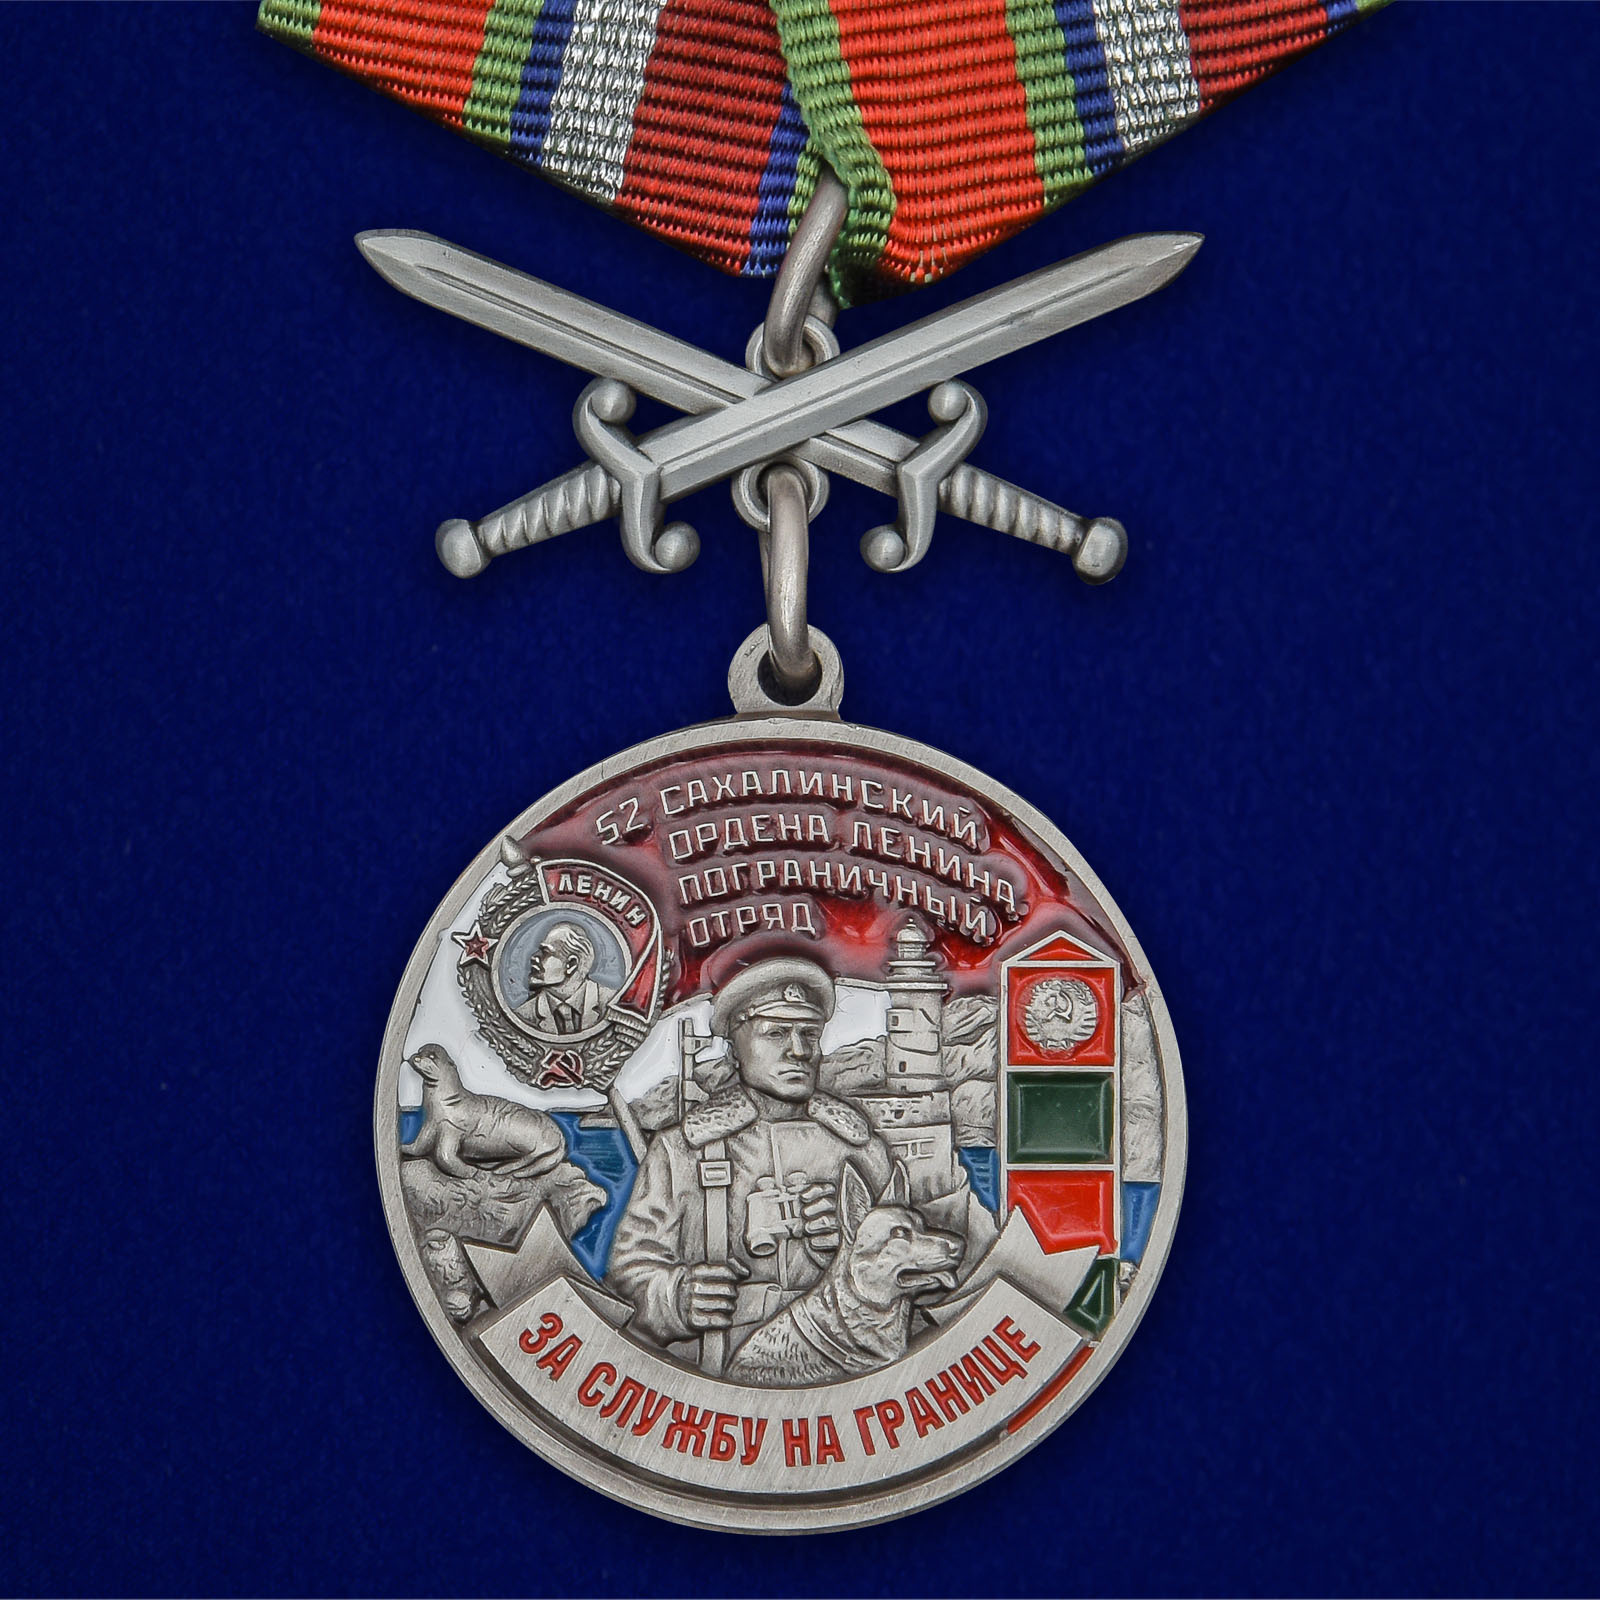 """Медаль """"За службу в Сахалинском пограничном отряде"""""""